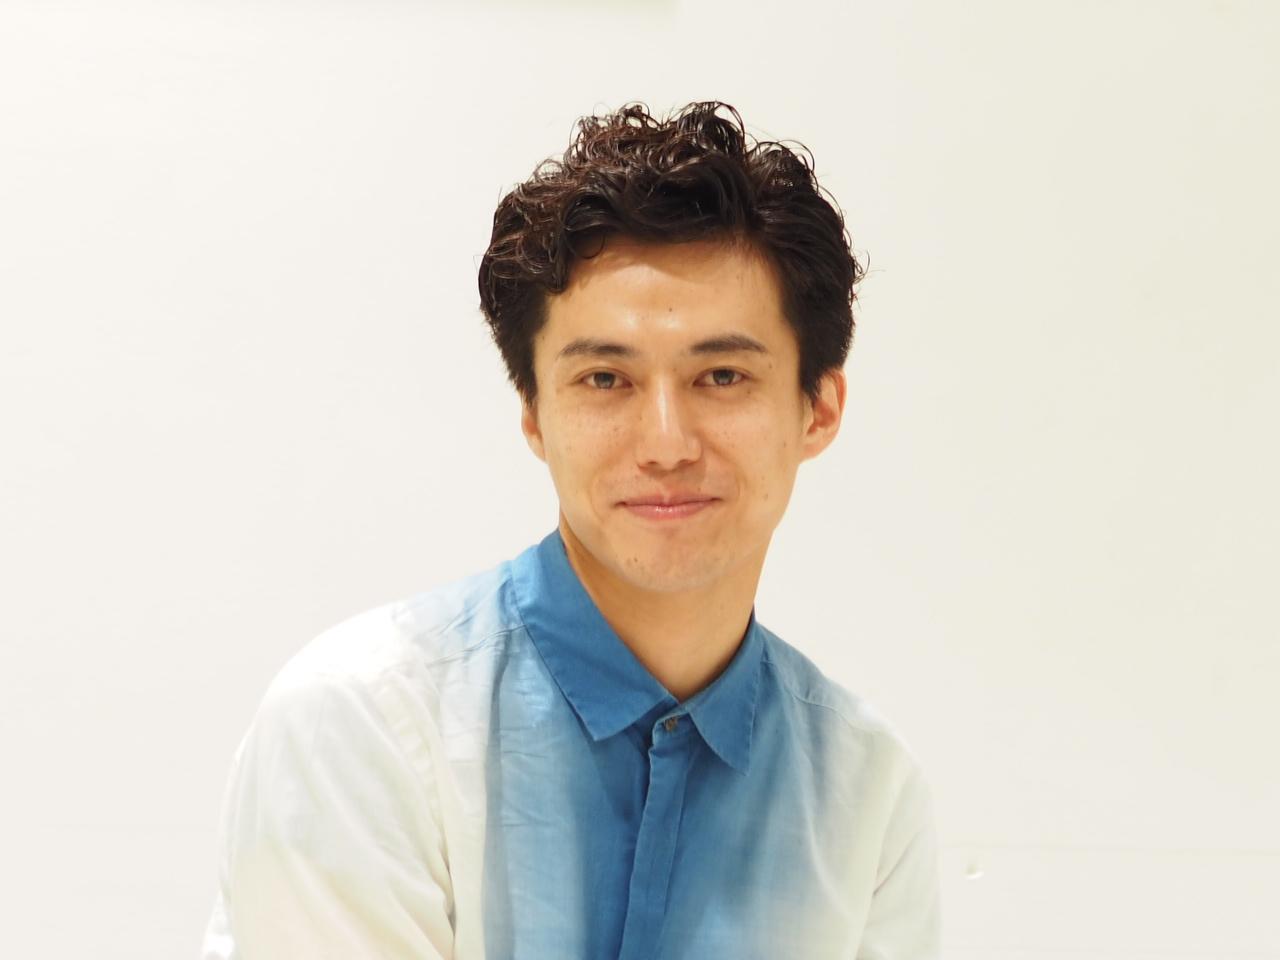 藤田 俊太郎